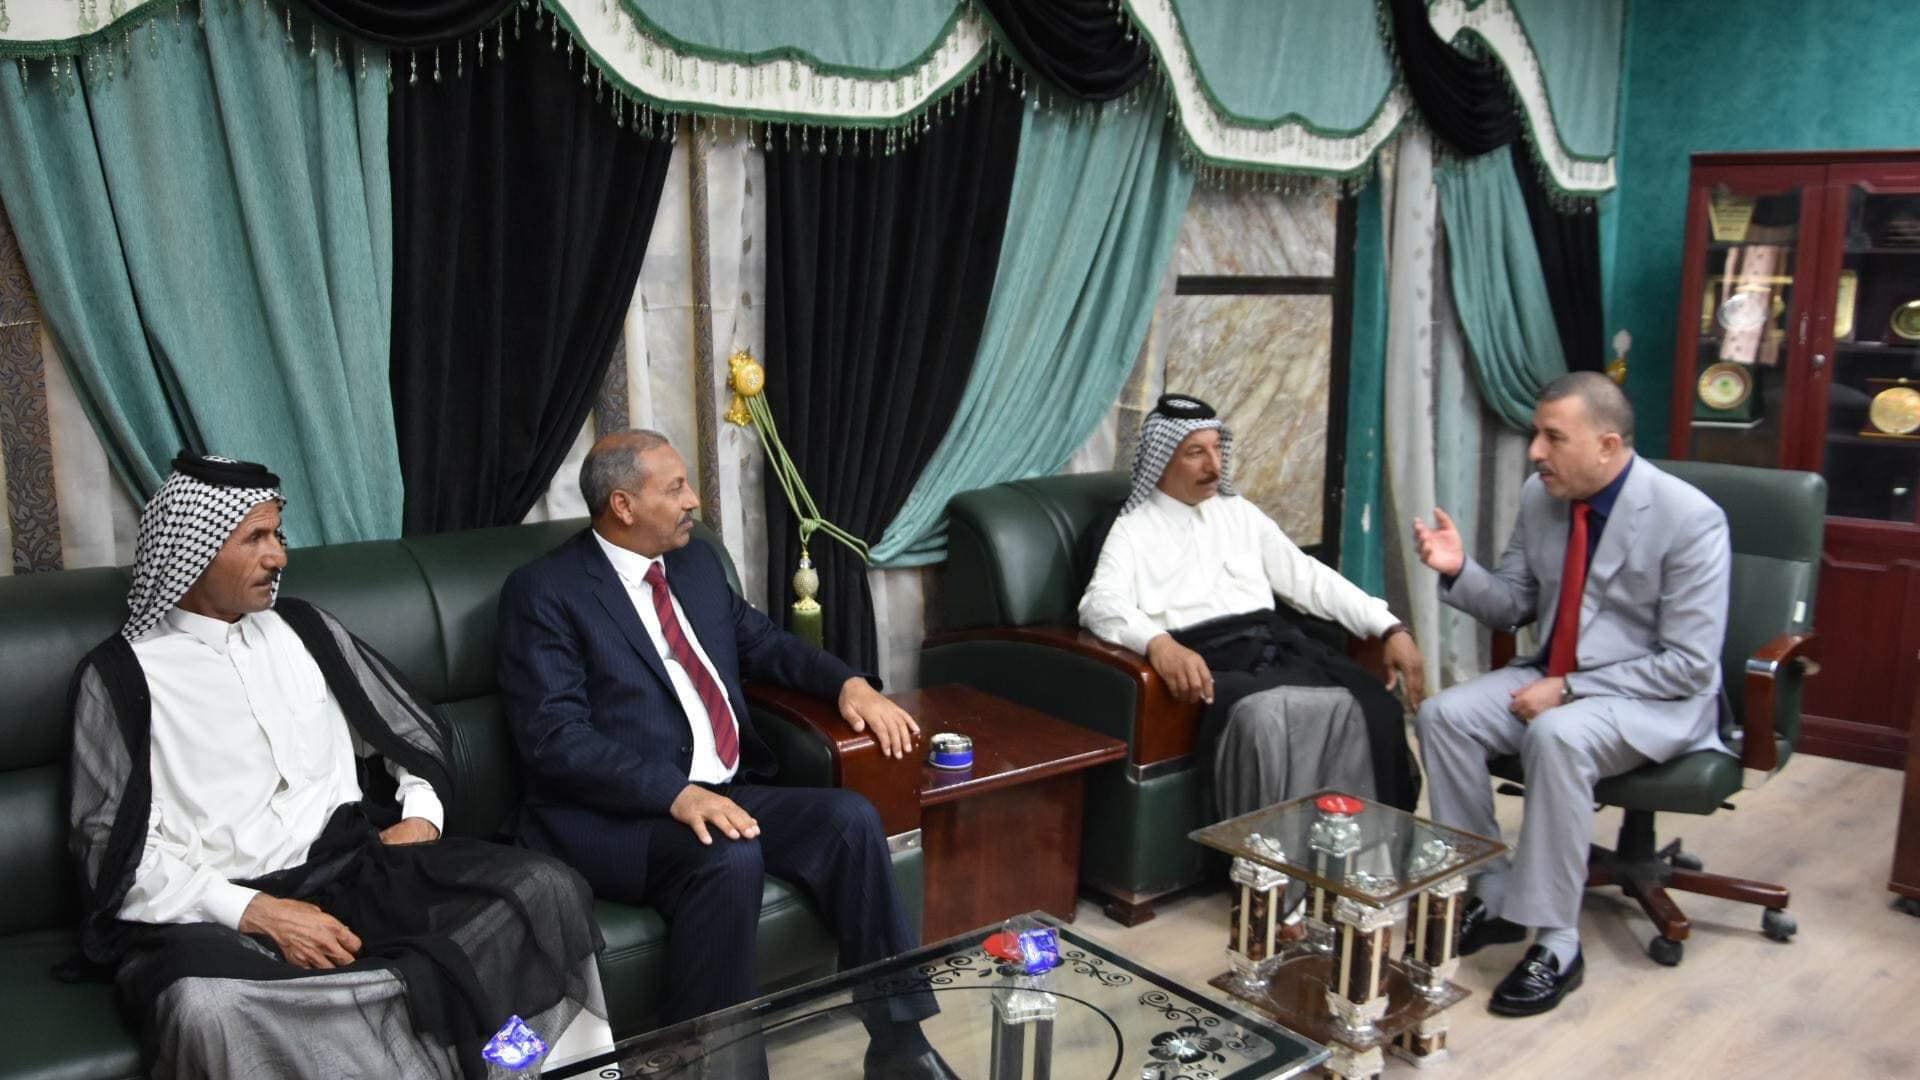 رئيس مجلس المحافظة يلتقي عدد من المواطنين لمناقشة مشكلاتهم ووضع الحلول المناسبة لها ورفع المعاناة عنهم